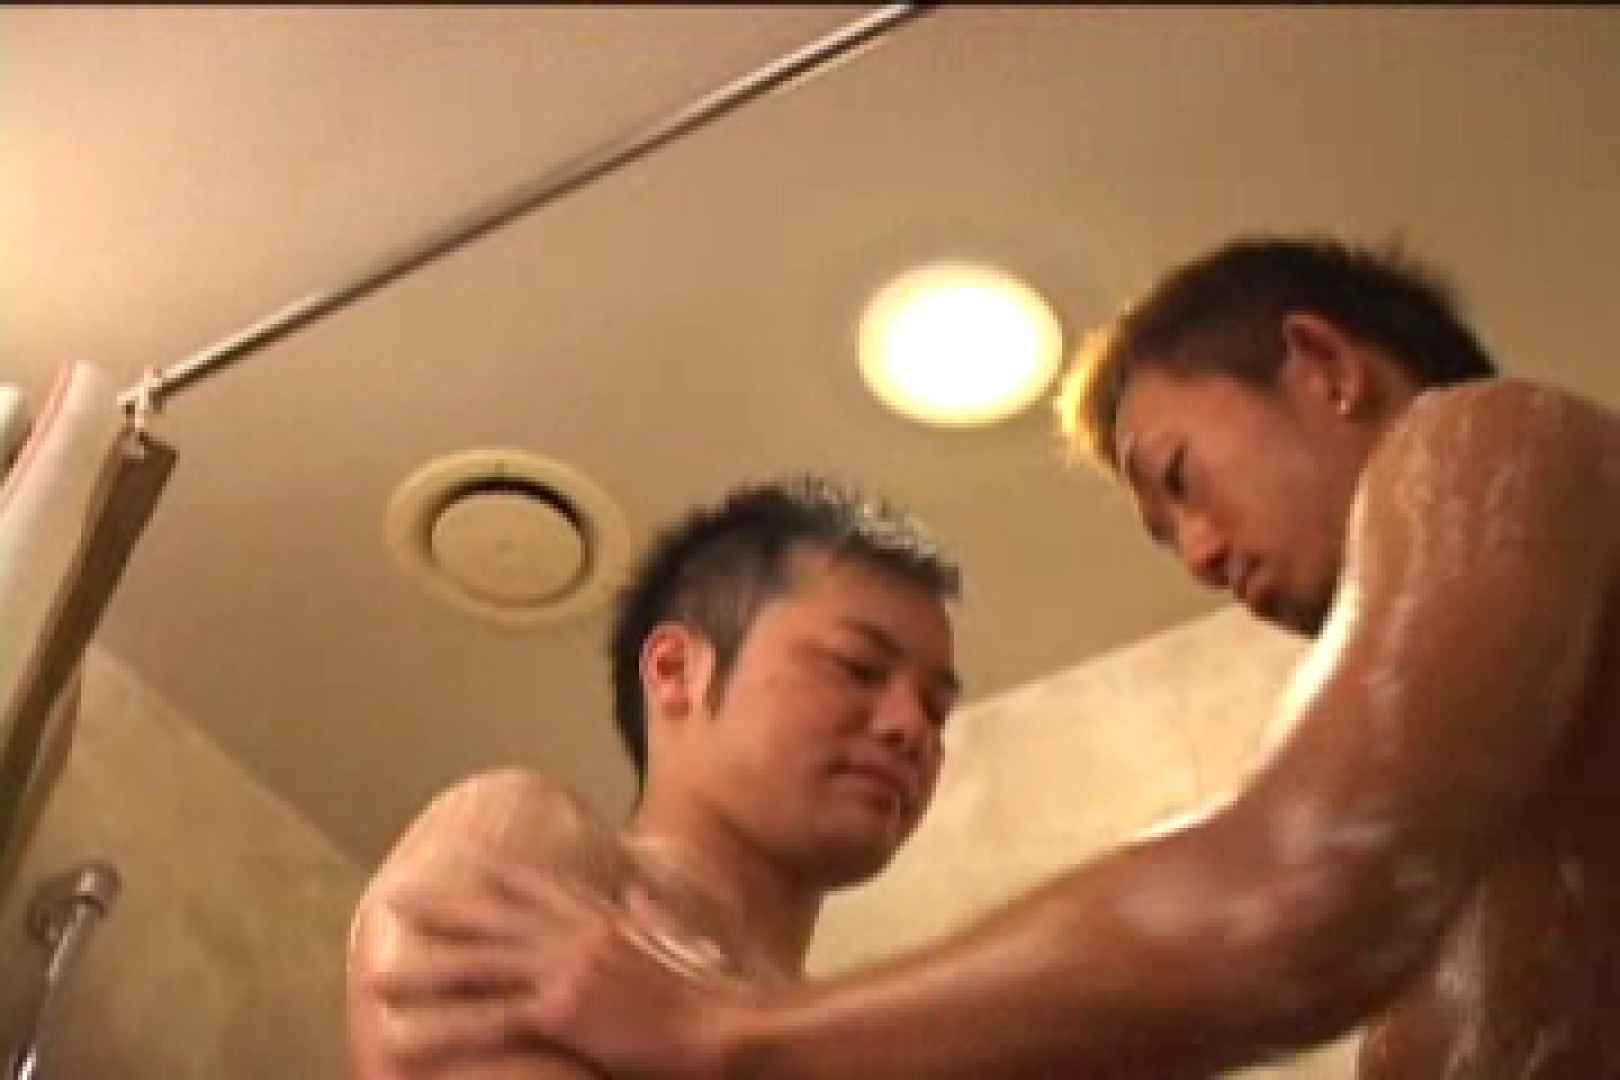 光り輝く男たちのロマンシングメモリー!!vol.05 フェラ ゲイ素人エロ画像 103枚 4